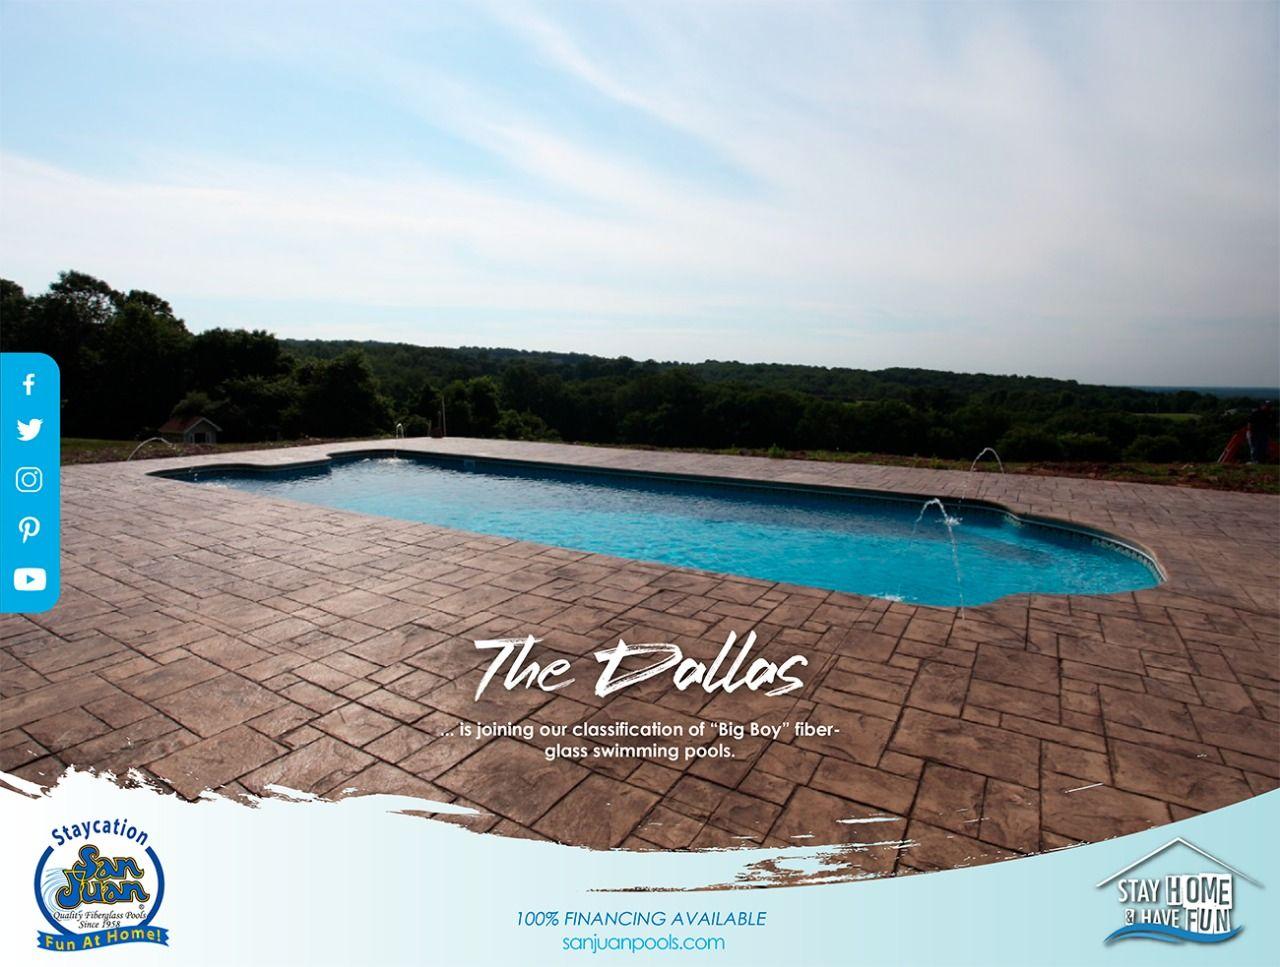 The Dallas San Juan Pools Pool Fiberglass Swimming Pools San Juan Pools